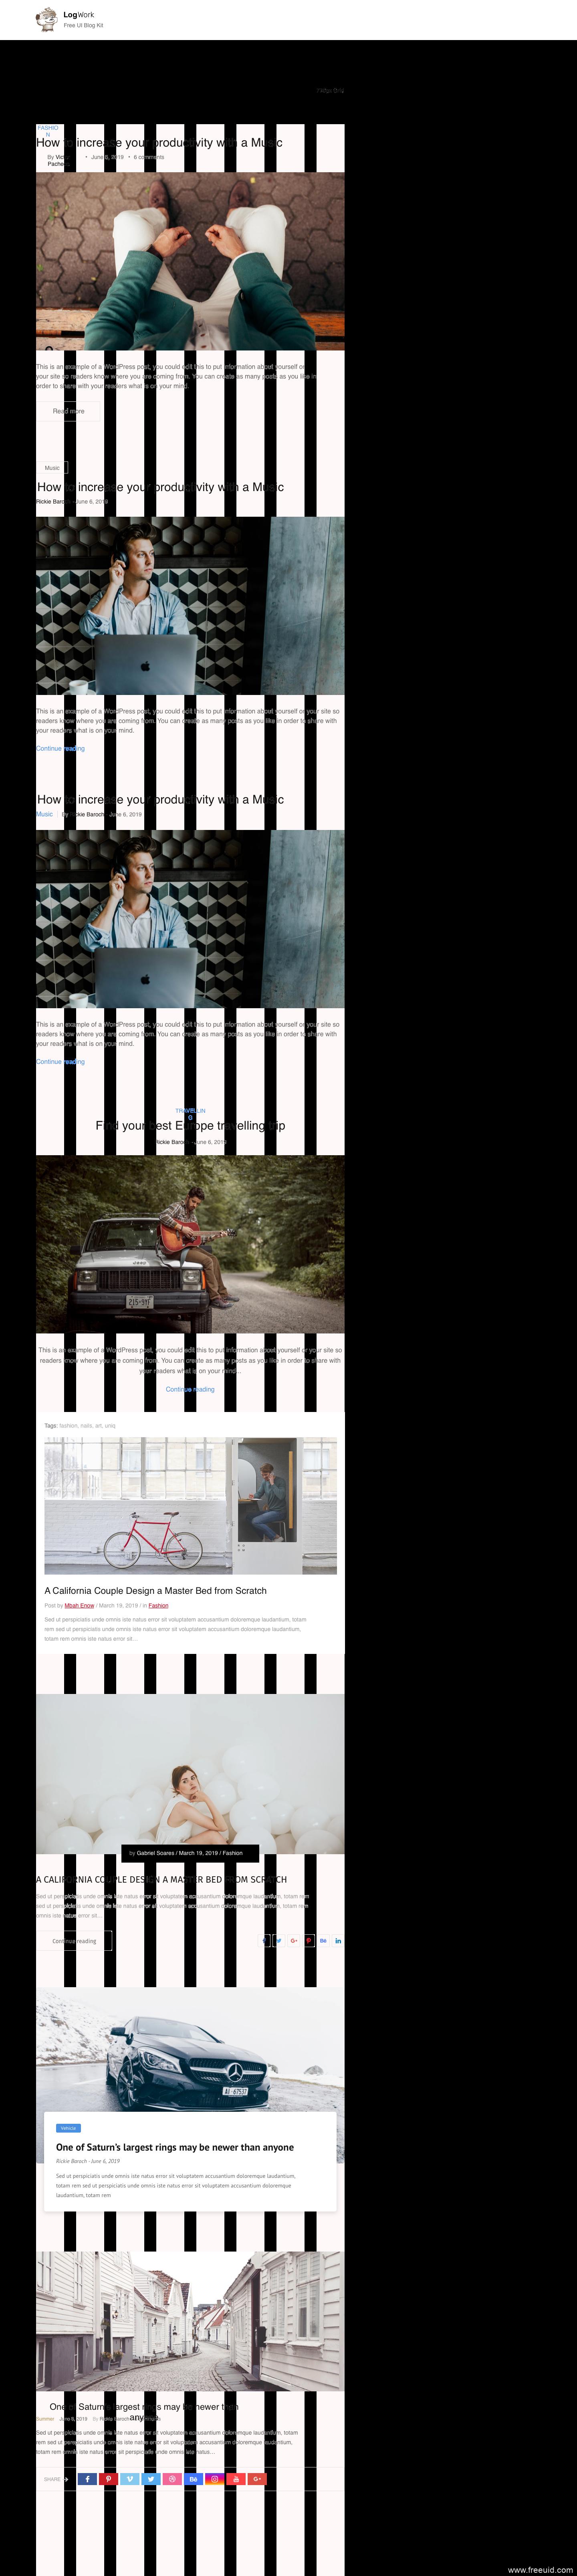 个人博客,设计师个人作品展示网站源文件UI kitUI,资源下载